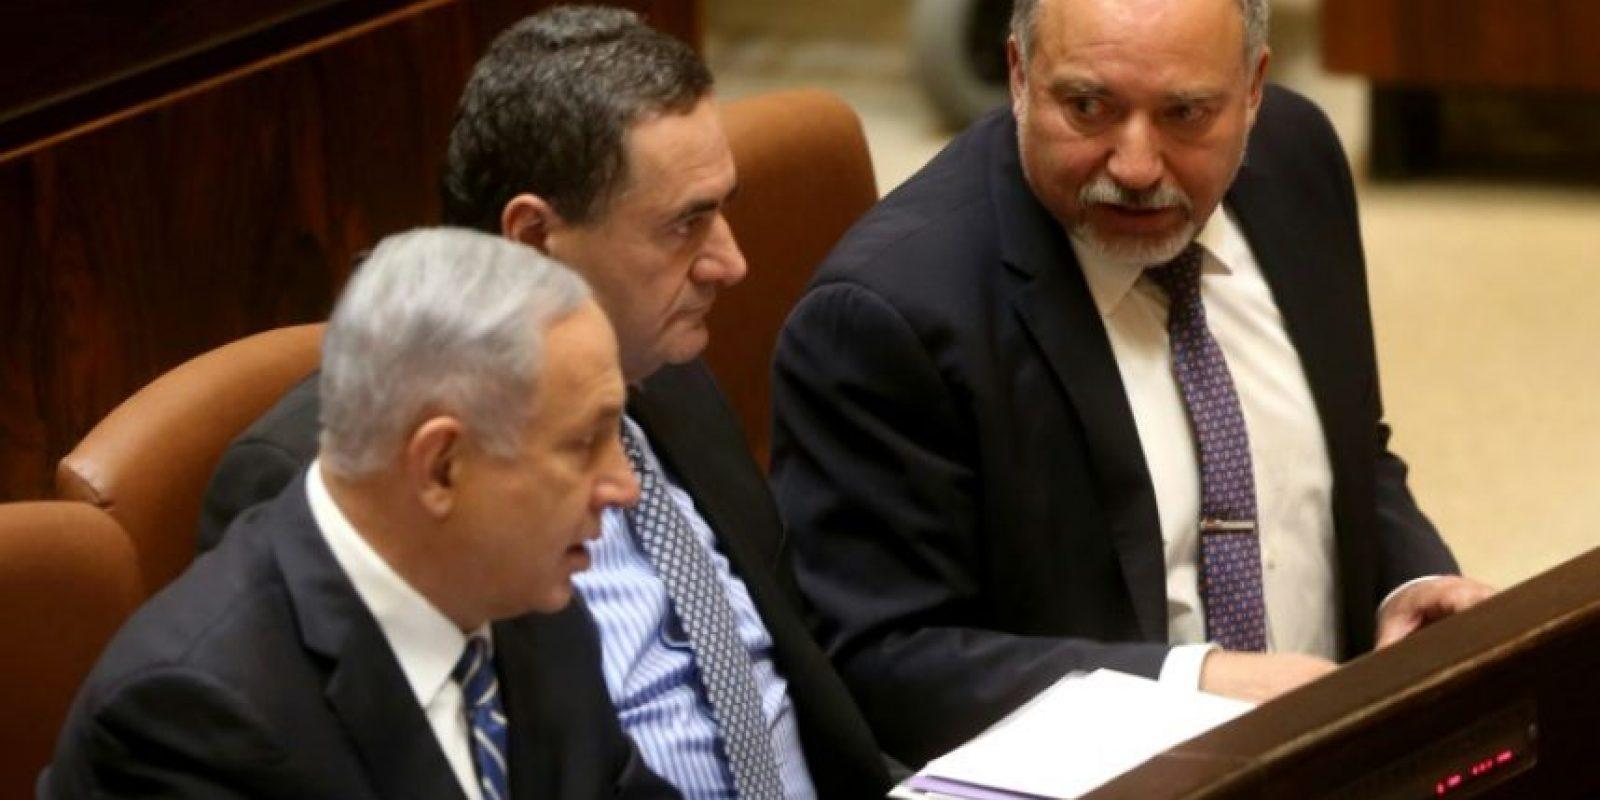 El primer ministro israelí, Benjamin Netanyahu (i), sentado junto a sus ministros de Defensa, Avigdor Lieberman (d), y Transporte, Yisrael Katz, en una sesión en la Knesset (parlamento), en Jerusalén, el 30 de mayo de 2016 Foto:Menahem Kahana/afp.com